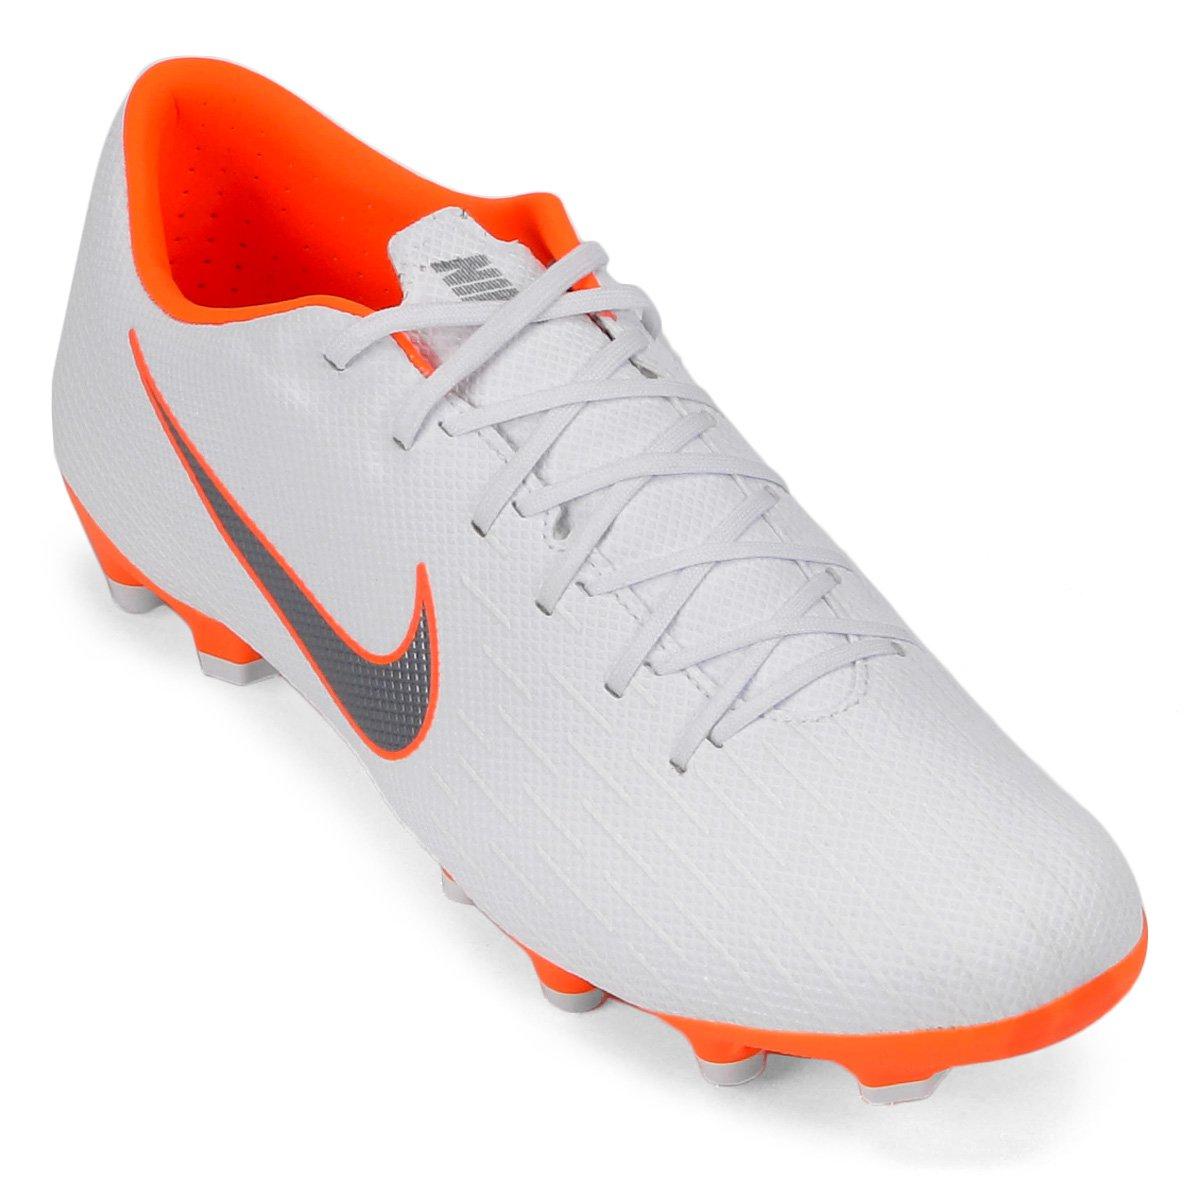 c364723035 Chuteira Campo Nike Mercurial Vapor 12 Academy - Branco e Cinza ...